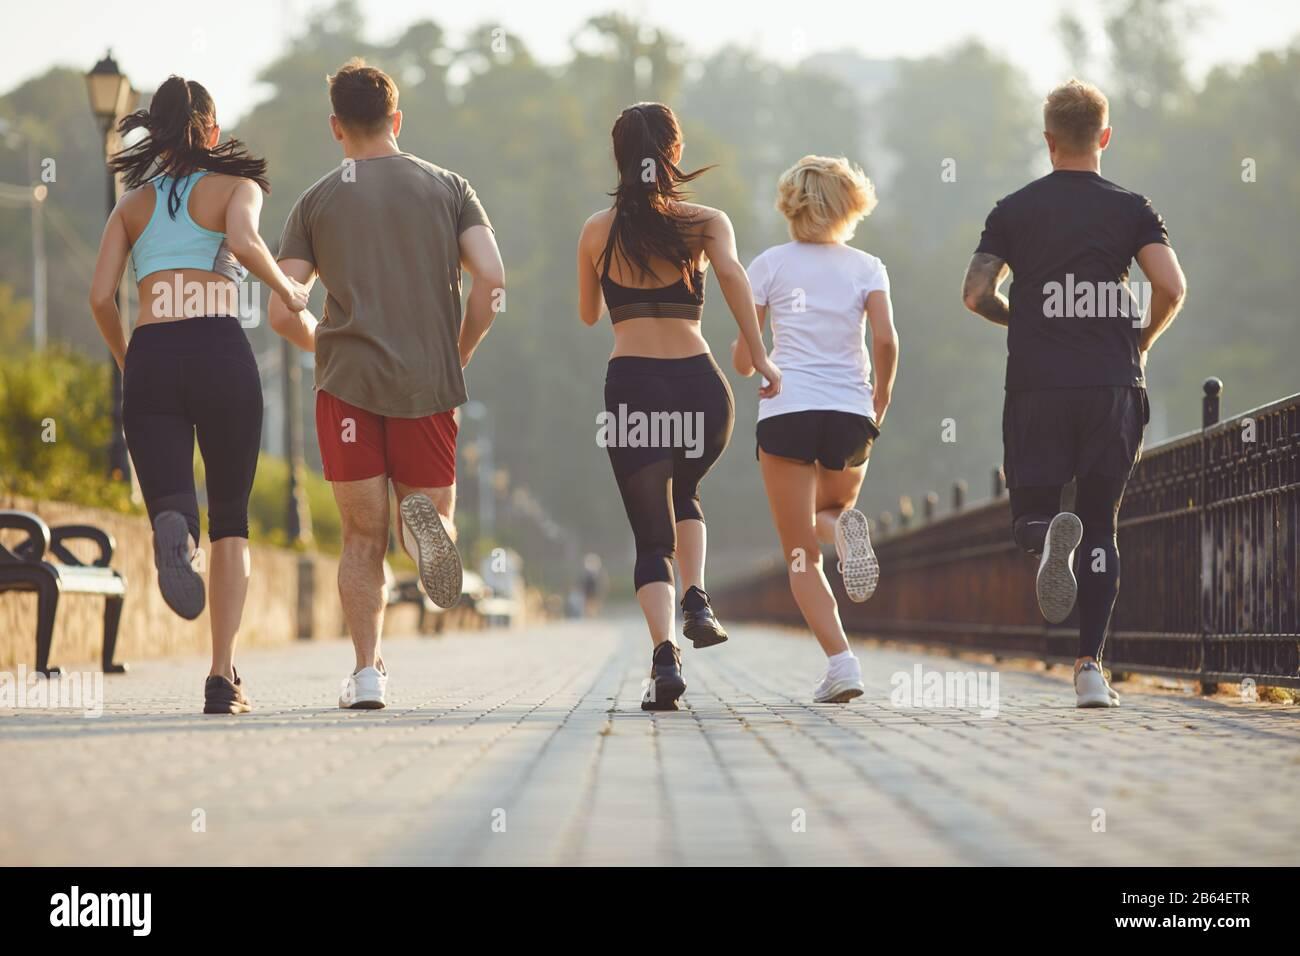 Groupe de coureurs dans le parc dans la matinée. Banque D'Images